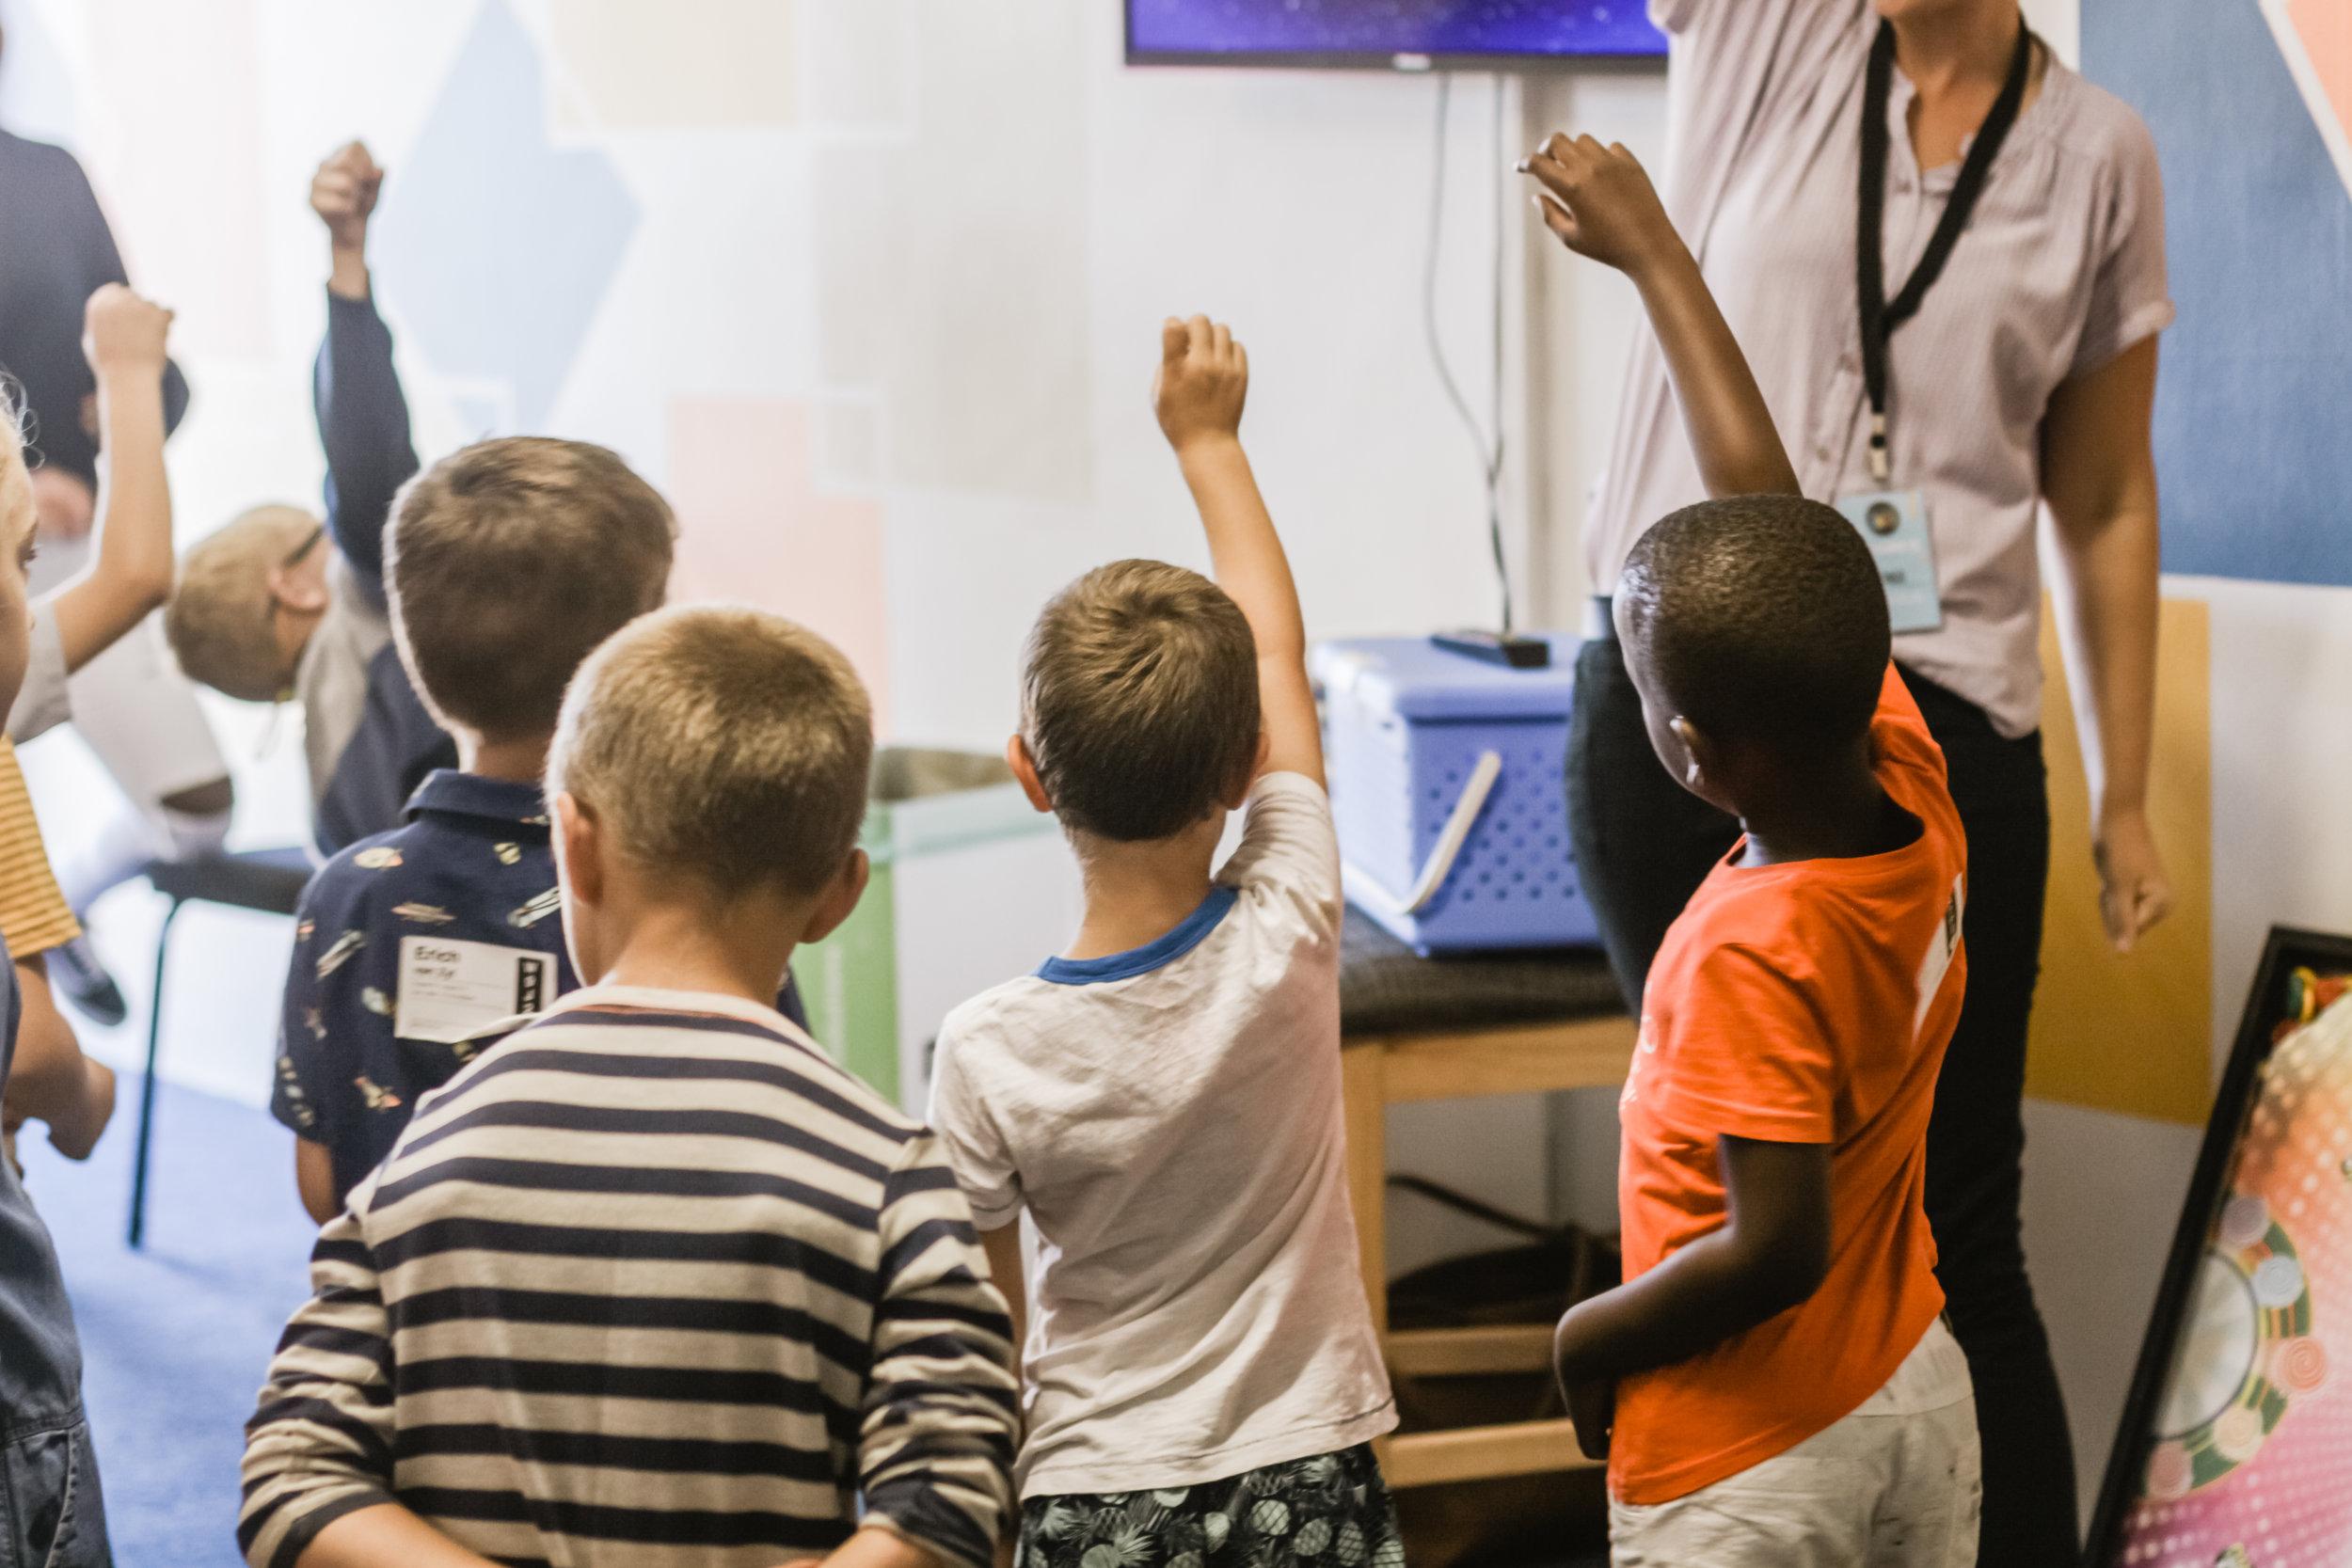 Elever i grunnskolen - Mobbeombudet gir råd og veiledning til barn, ungdom, foreldre og skoler slik at elevens rett til et trygt og godt skolemiljø ivaretas.Regelverk: Barnekonvensjonen, Opplæringslovens kap.9AAlle elevar har rett til eit trygt og godt skolemiljø som fremjar helse, trivsel og læring. Når ein elev seier at skolemiljøet ikkje er trygt og godt, skal skolen så langt det finst eigna tiltak sørgje for at eleven får eit trygt og godt skolemiljø. (Utdrag fra Opplæringsloven kap.9A)